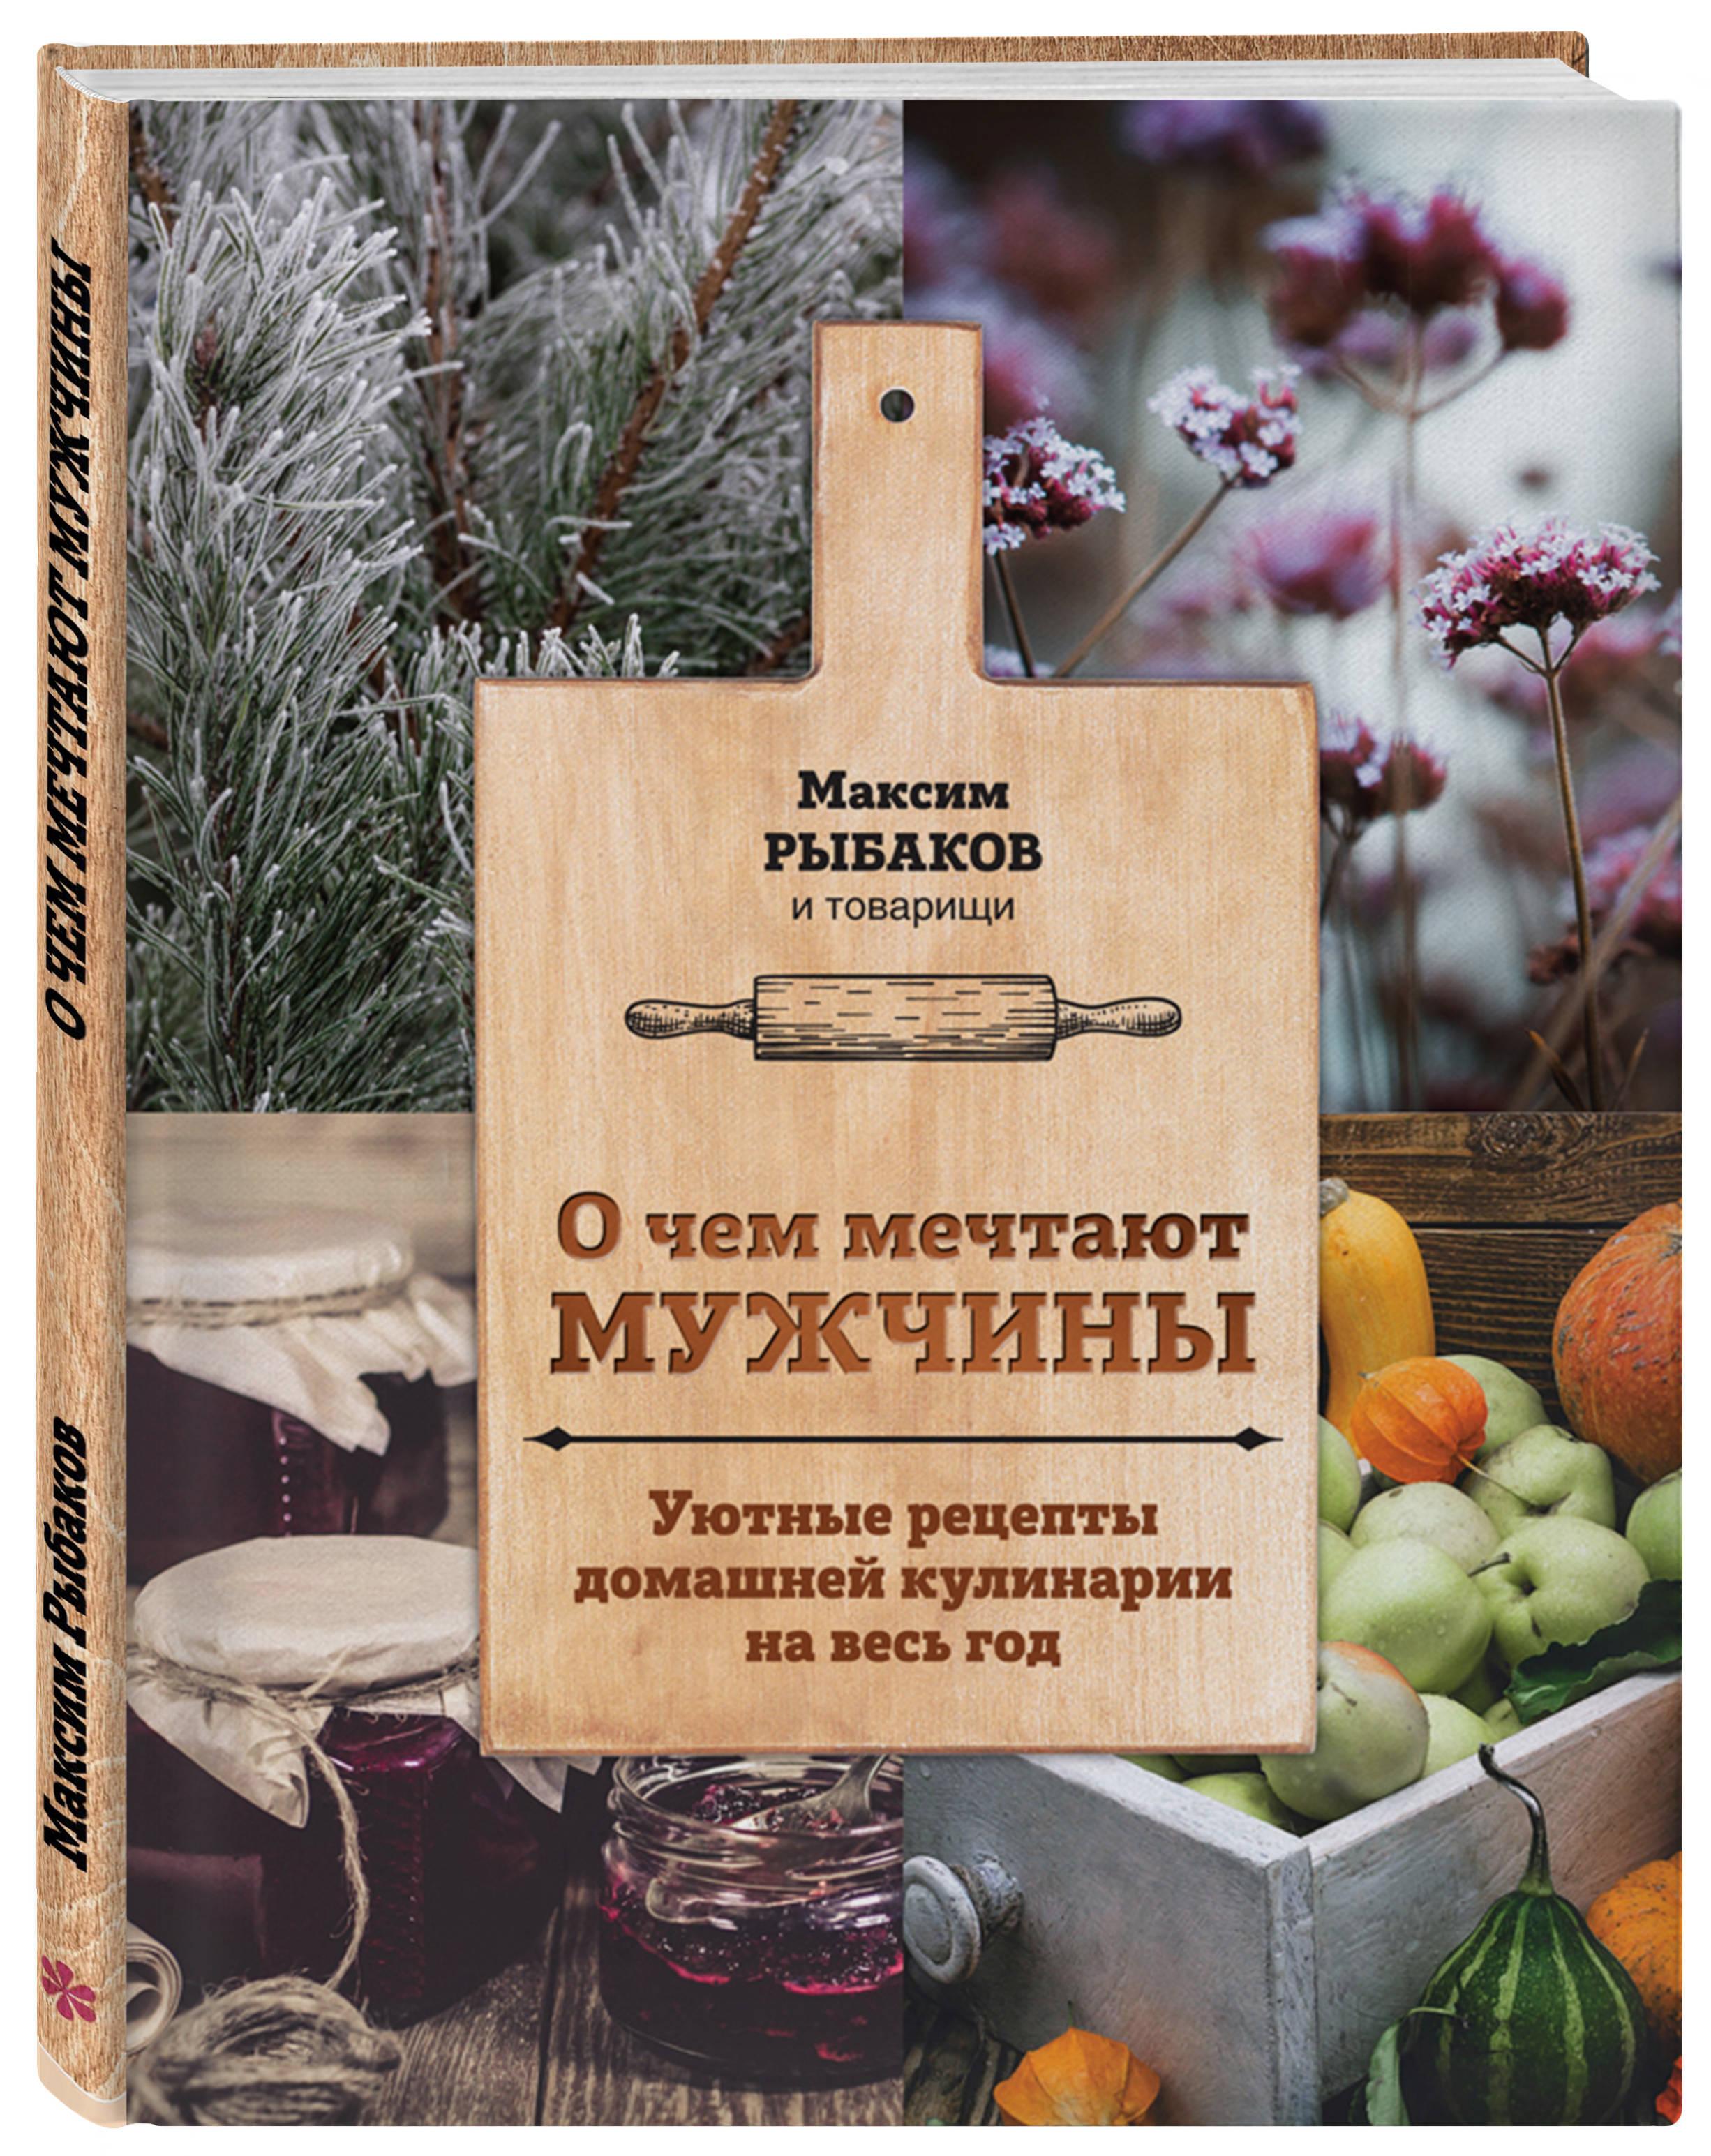 Максим Рыбаков О чем мечтают мужчины. Уютные рецепты домашней кулинарии на весь год кухонный набор сима ленд шеф повар хрюша 3505364